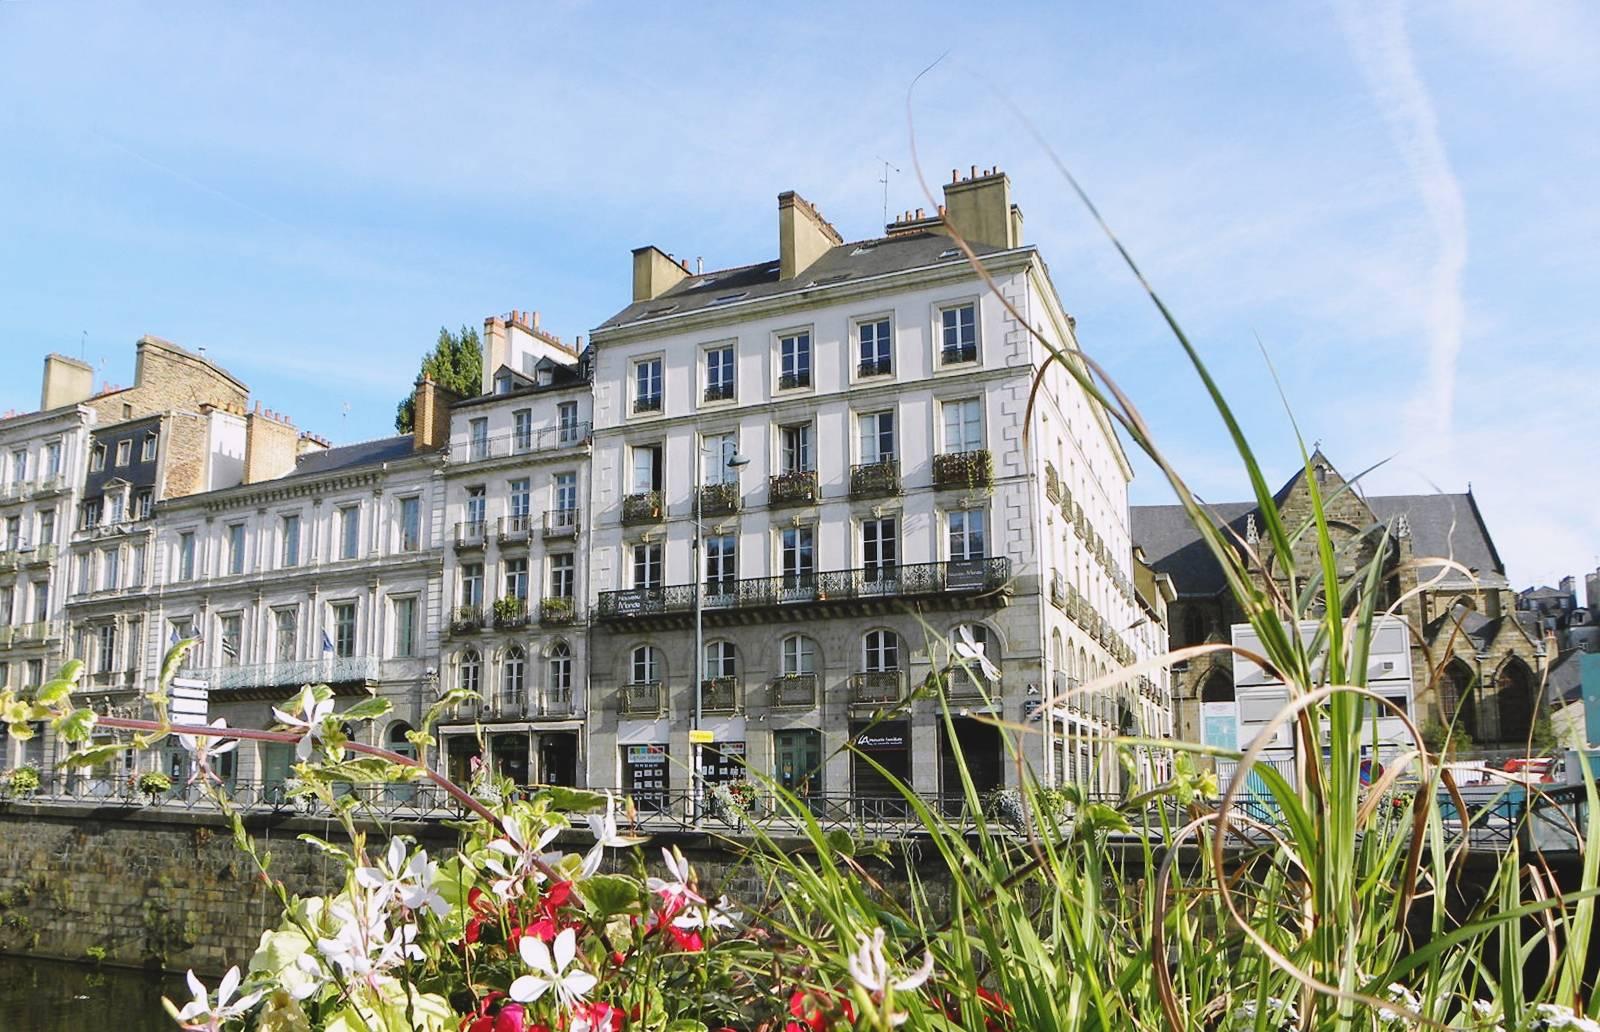 Photo 1: Rennes : que voir et que faire en deux jours ? Retrouvez mon city guide et mes bonnes adresses !